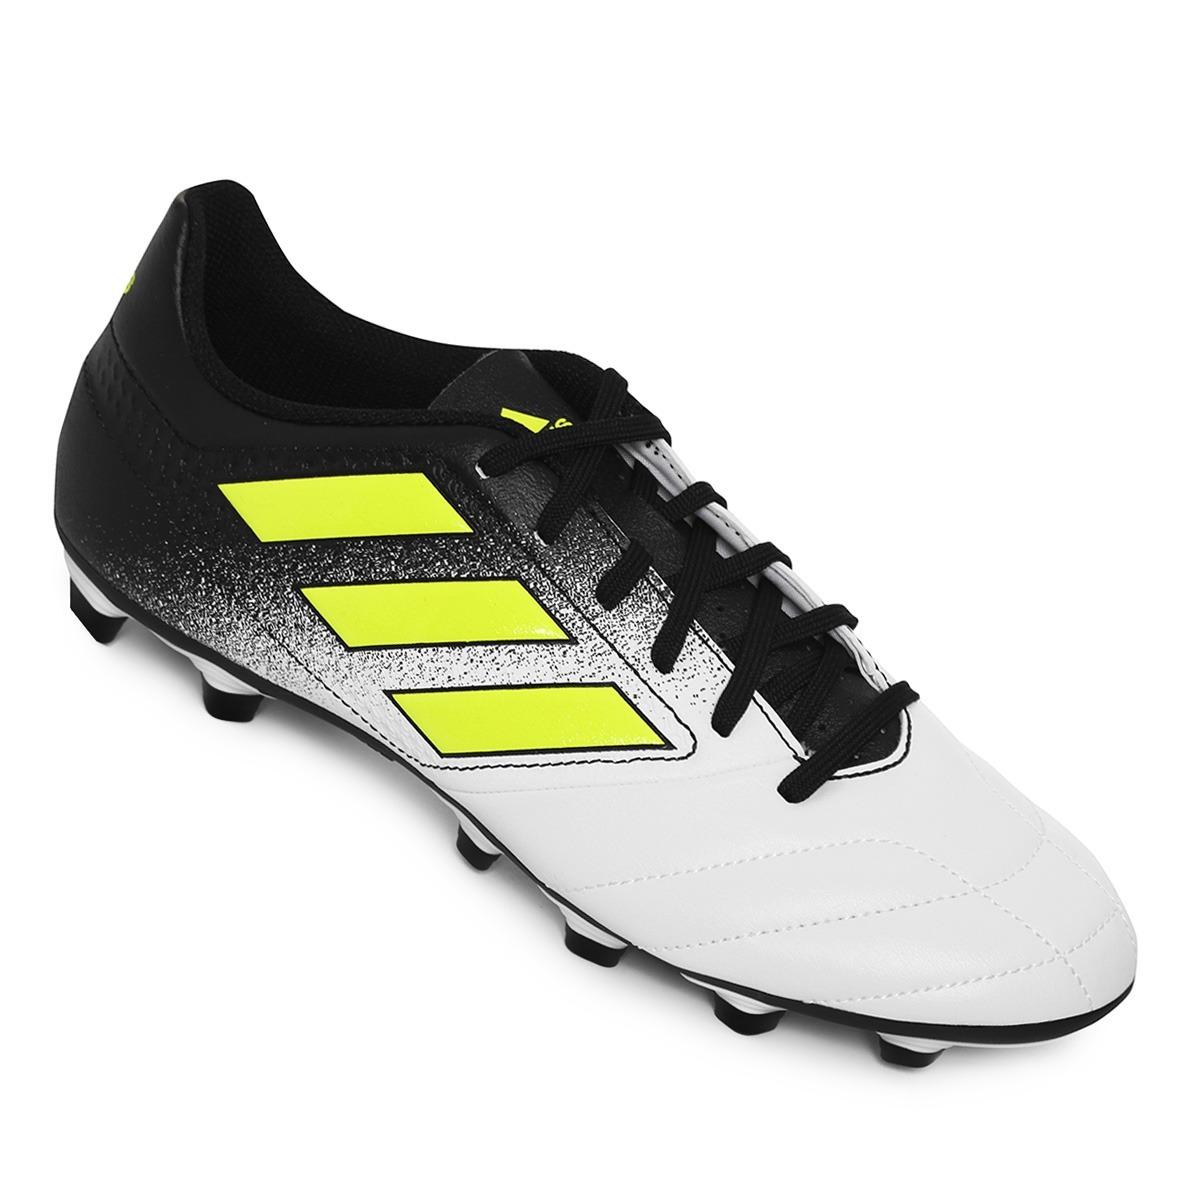 zapatos de futbol adidas ace 17.4 fg blanco-negro. Cargando zoom. 72fea5fd4f2ad